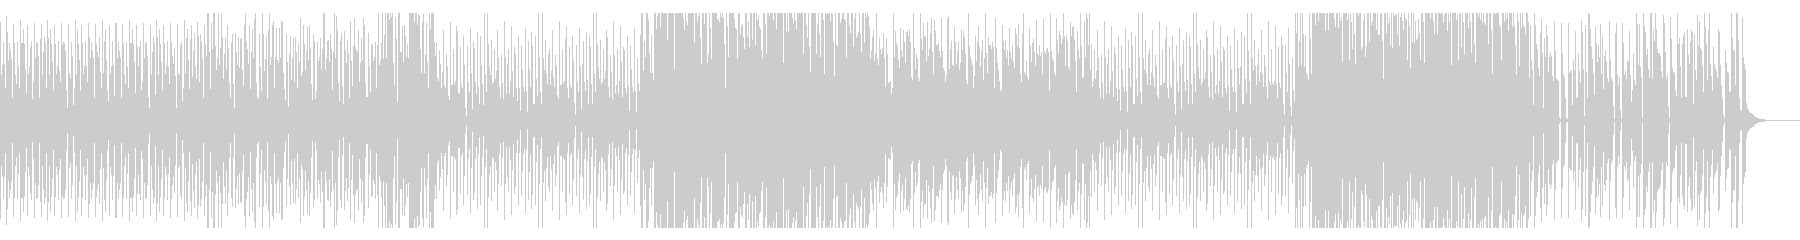 ピアノが軽快な4つ打ち曲の未再生の波形